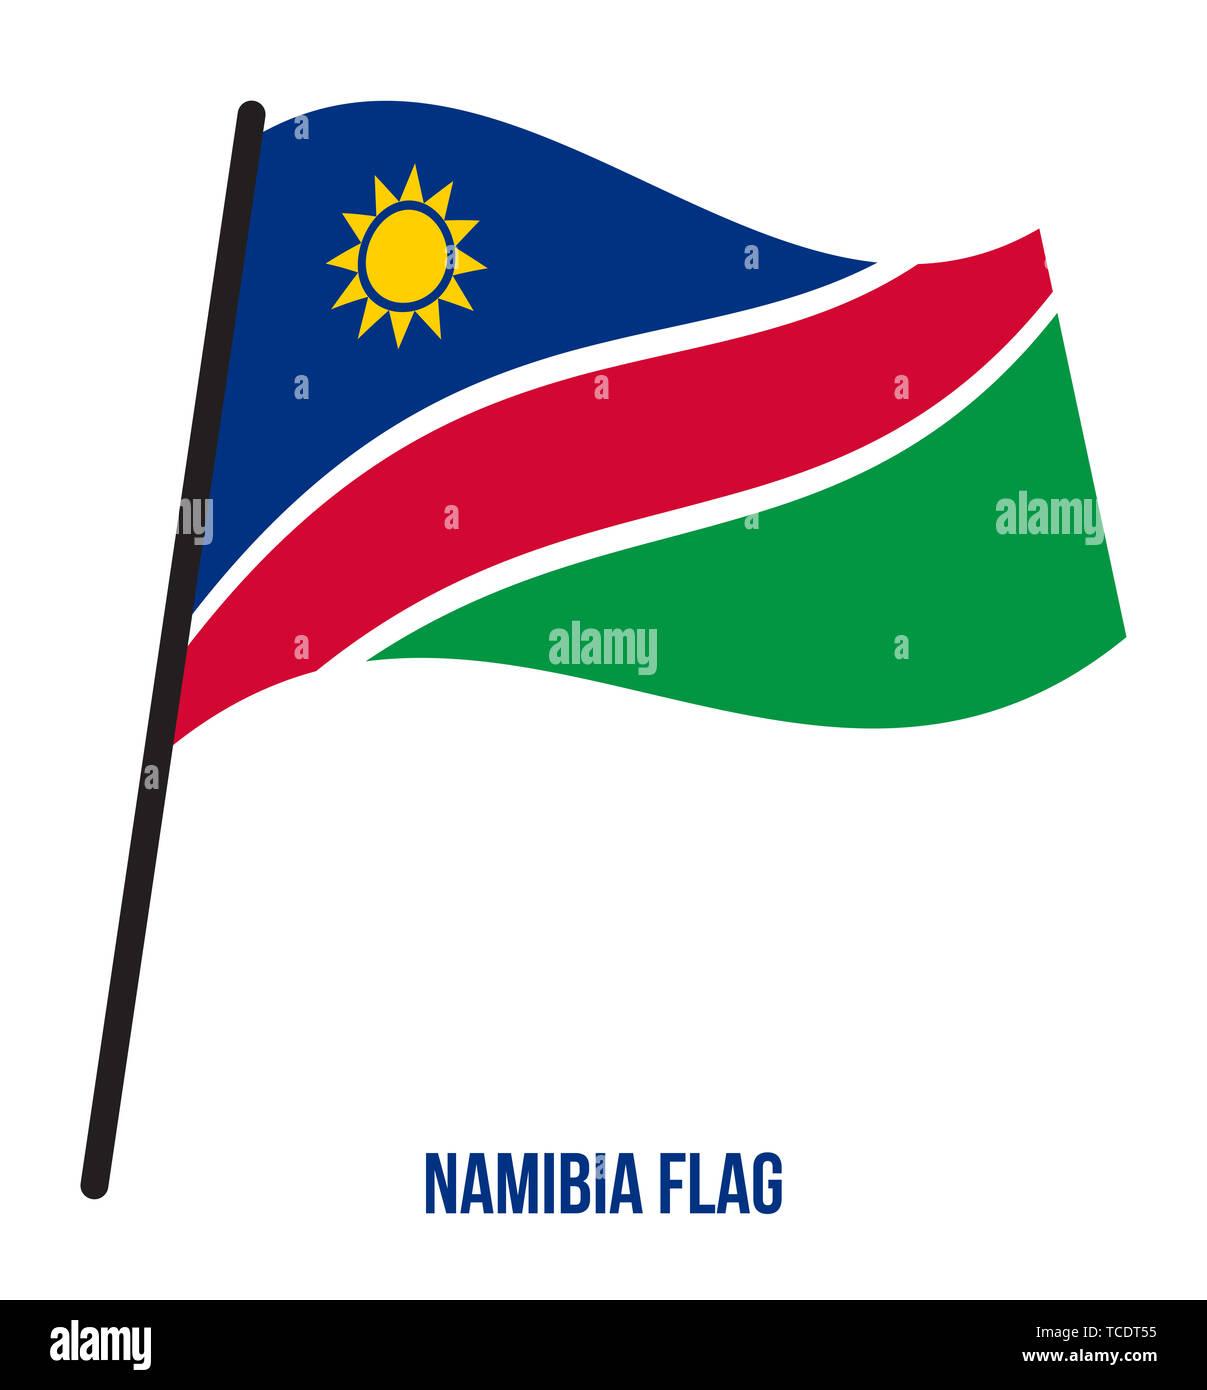 Namibia Flag Waving Vector Illustration on White Background. Namibia National Flag. - Stock Image